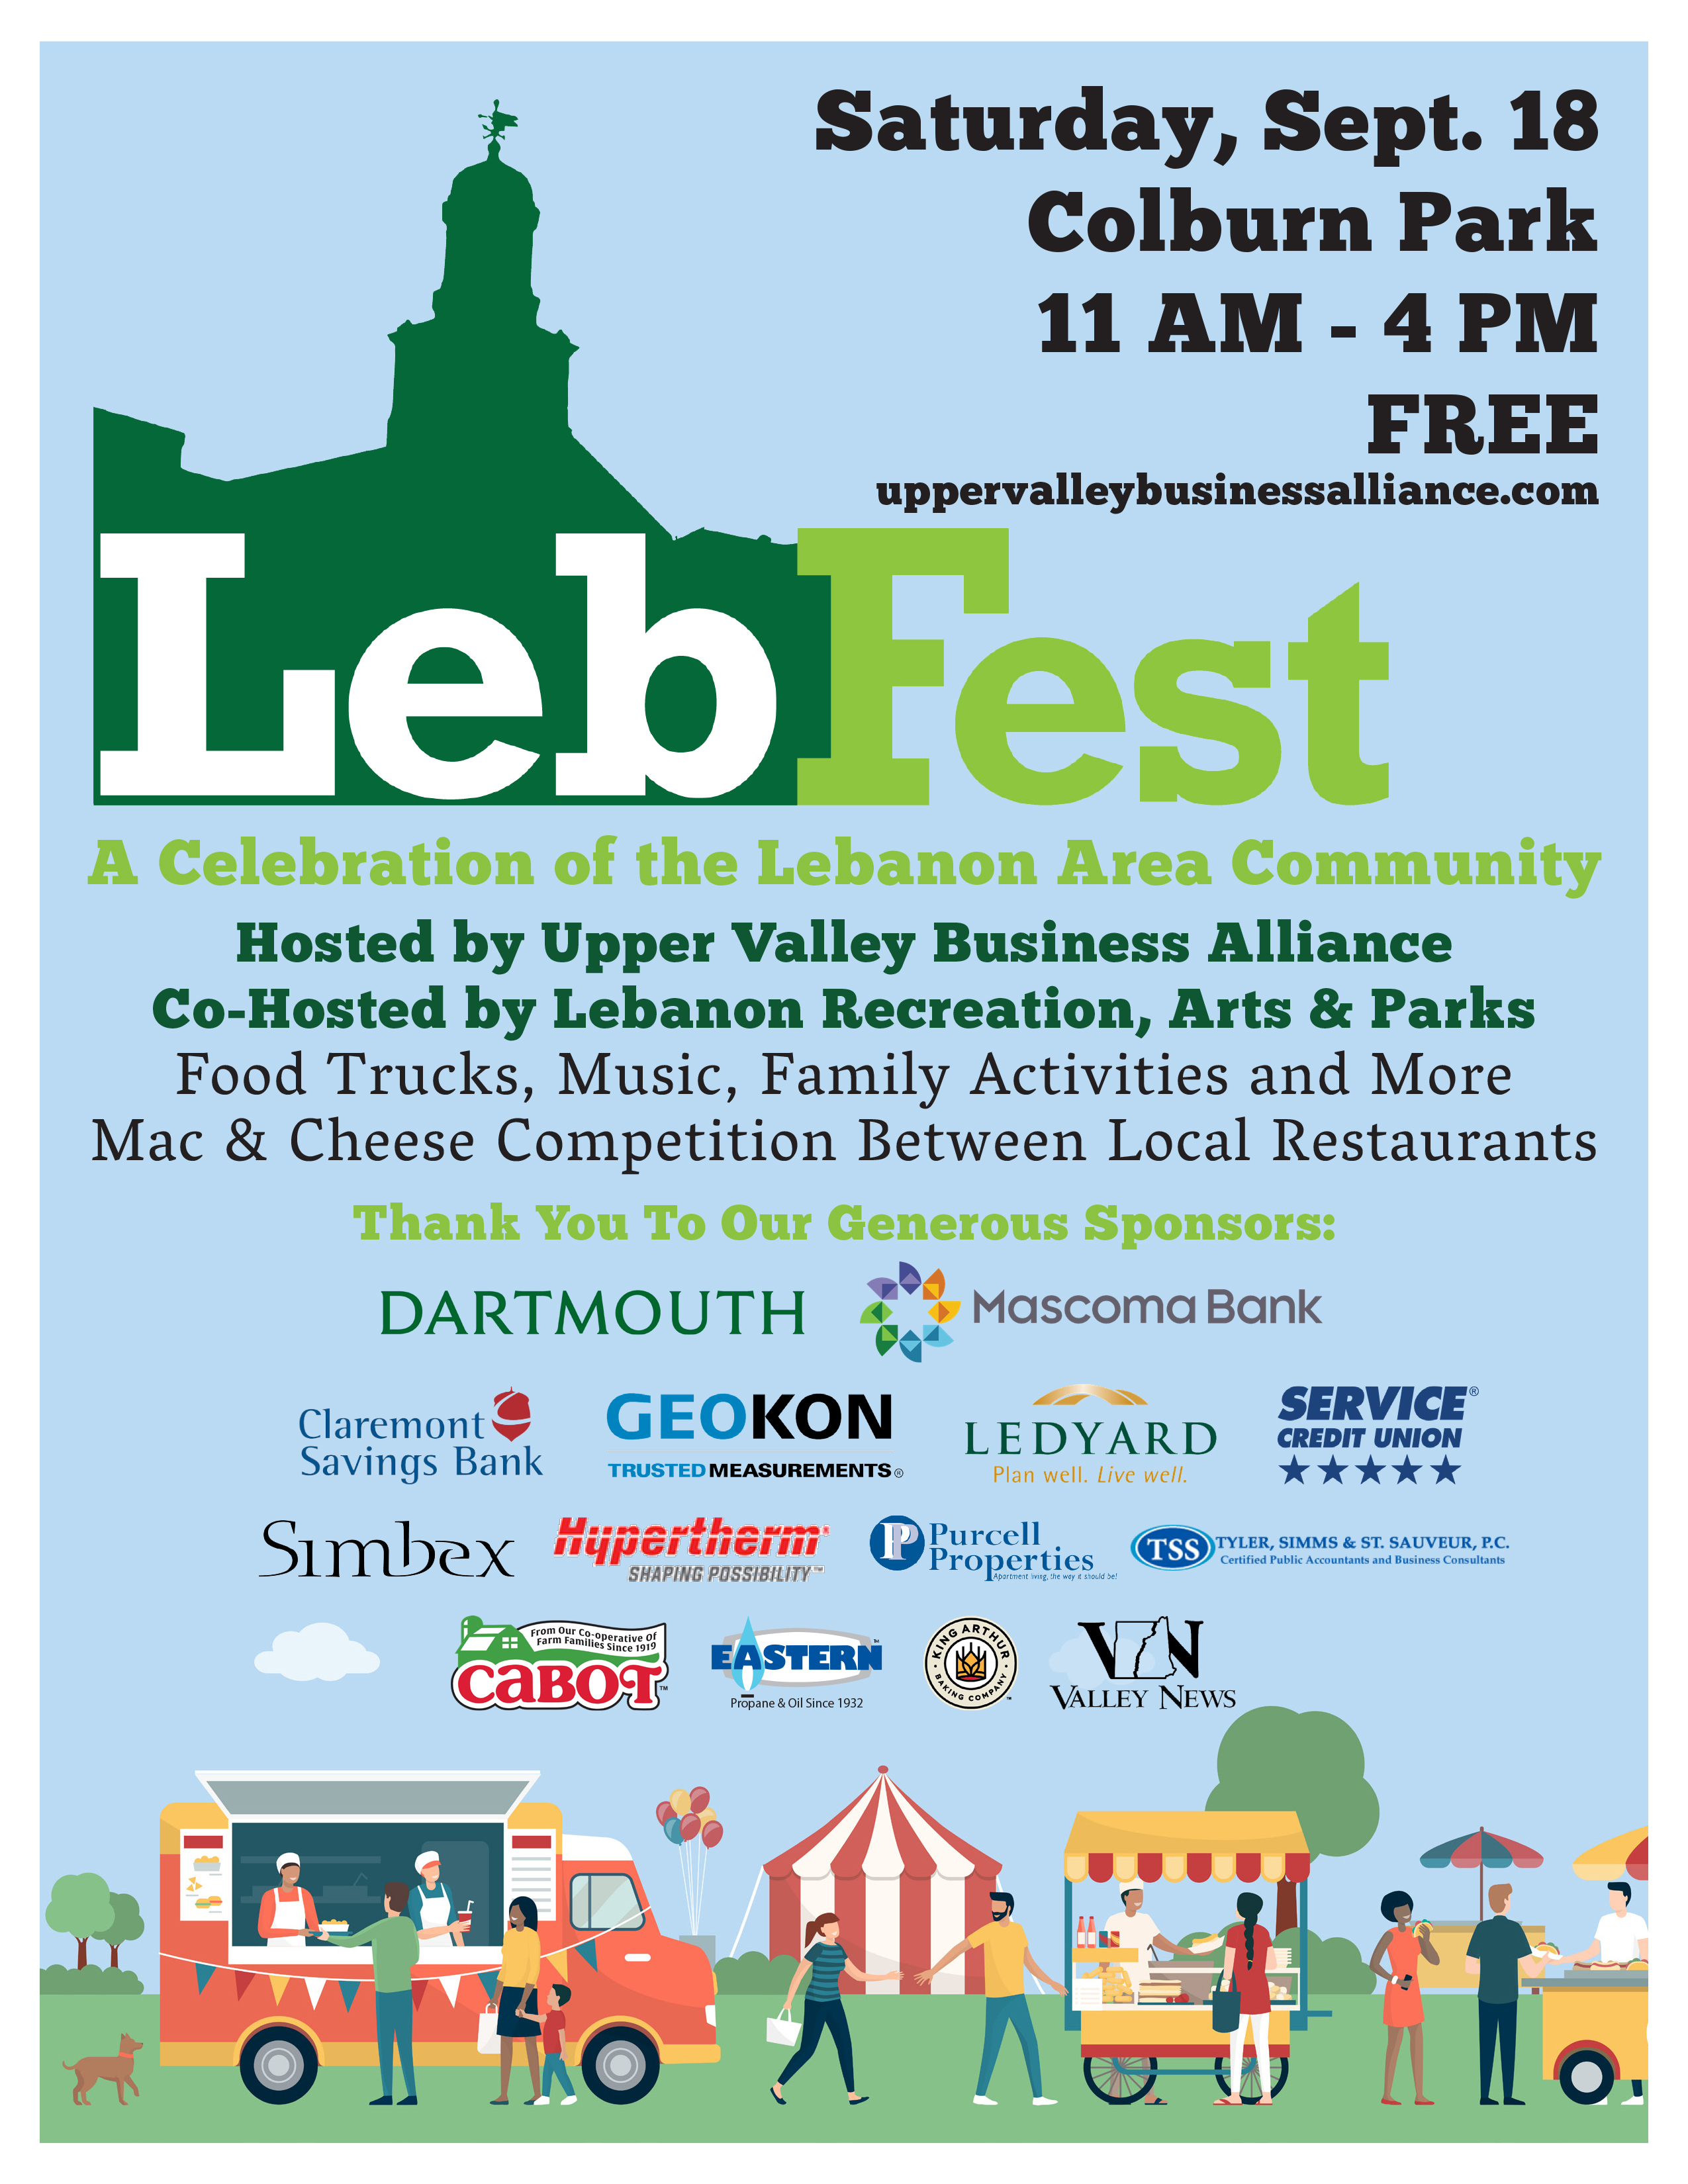 LebFest Lebanon NH September 18 2021